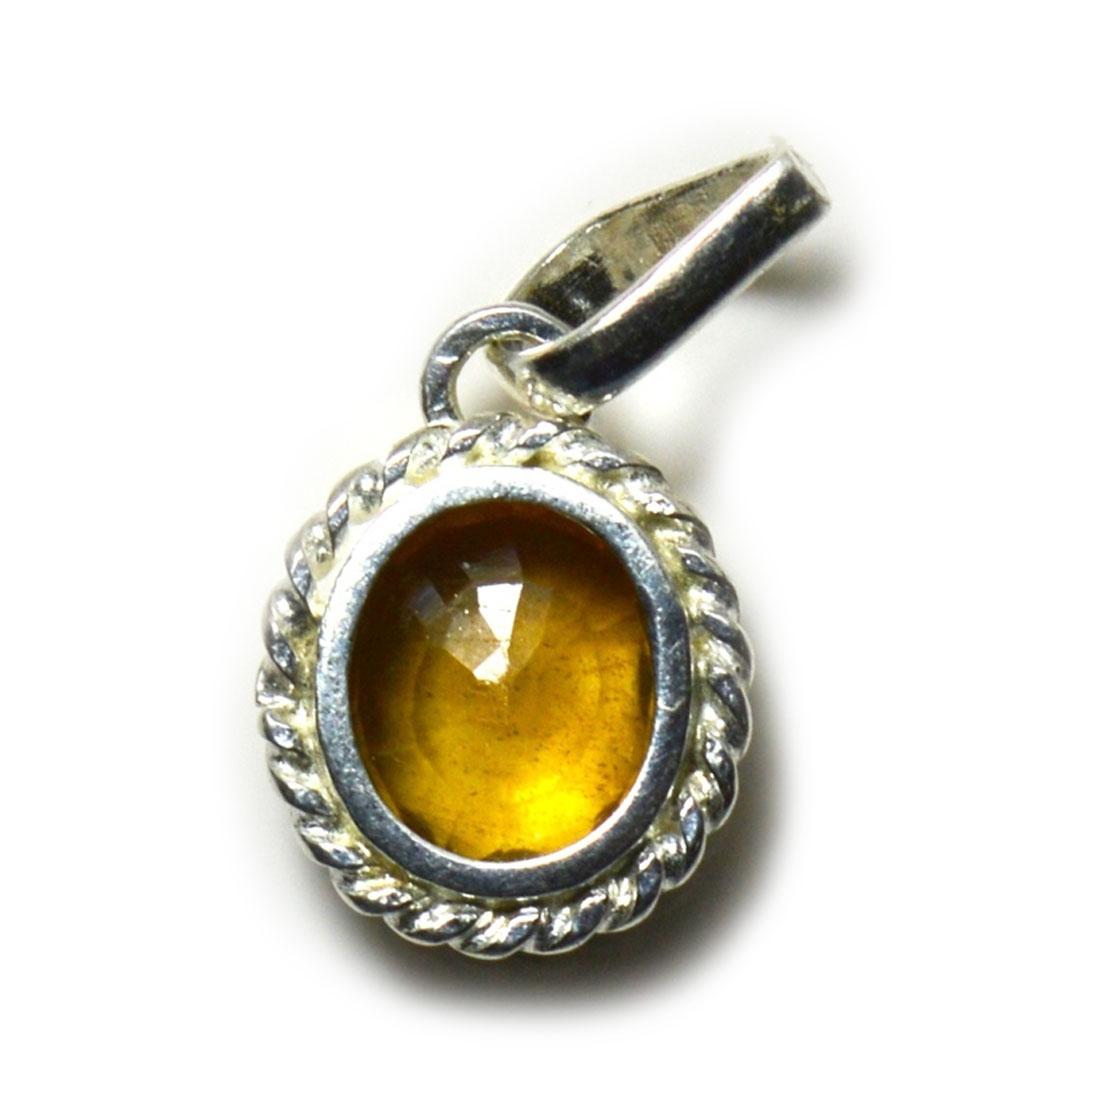 Echte-gelbe-Saphir-Sterling-Silber-Anhanger-5-Karat-Charm-Halskette-Schmuck Indexbild 4